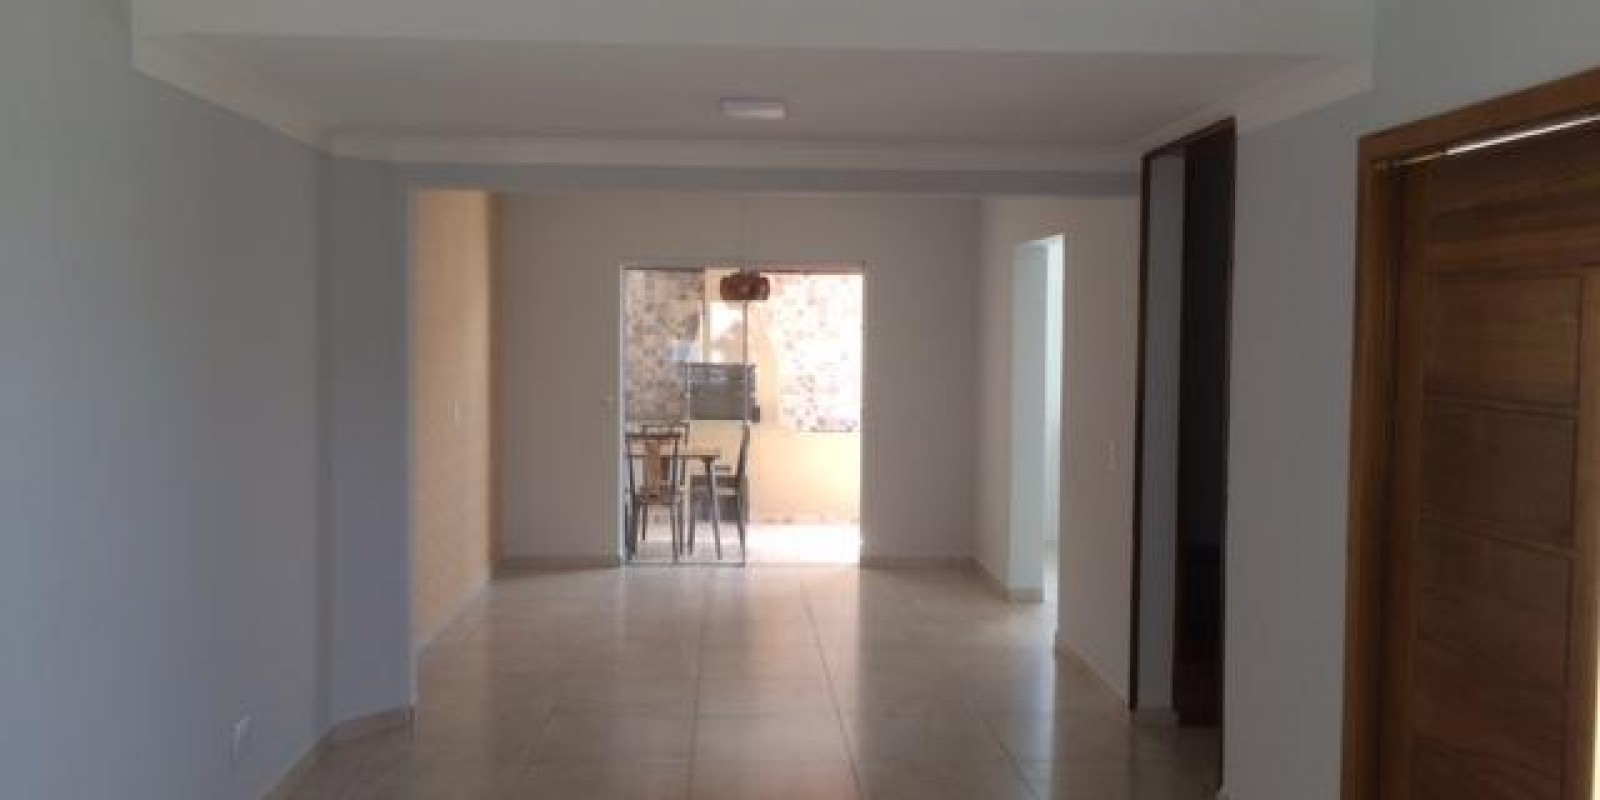 Casa no Condomínio São Remo em Avaré SP - Foto 16 de 20